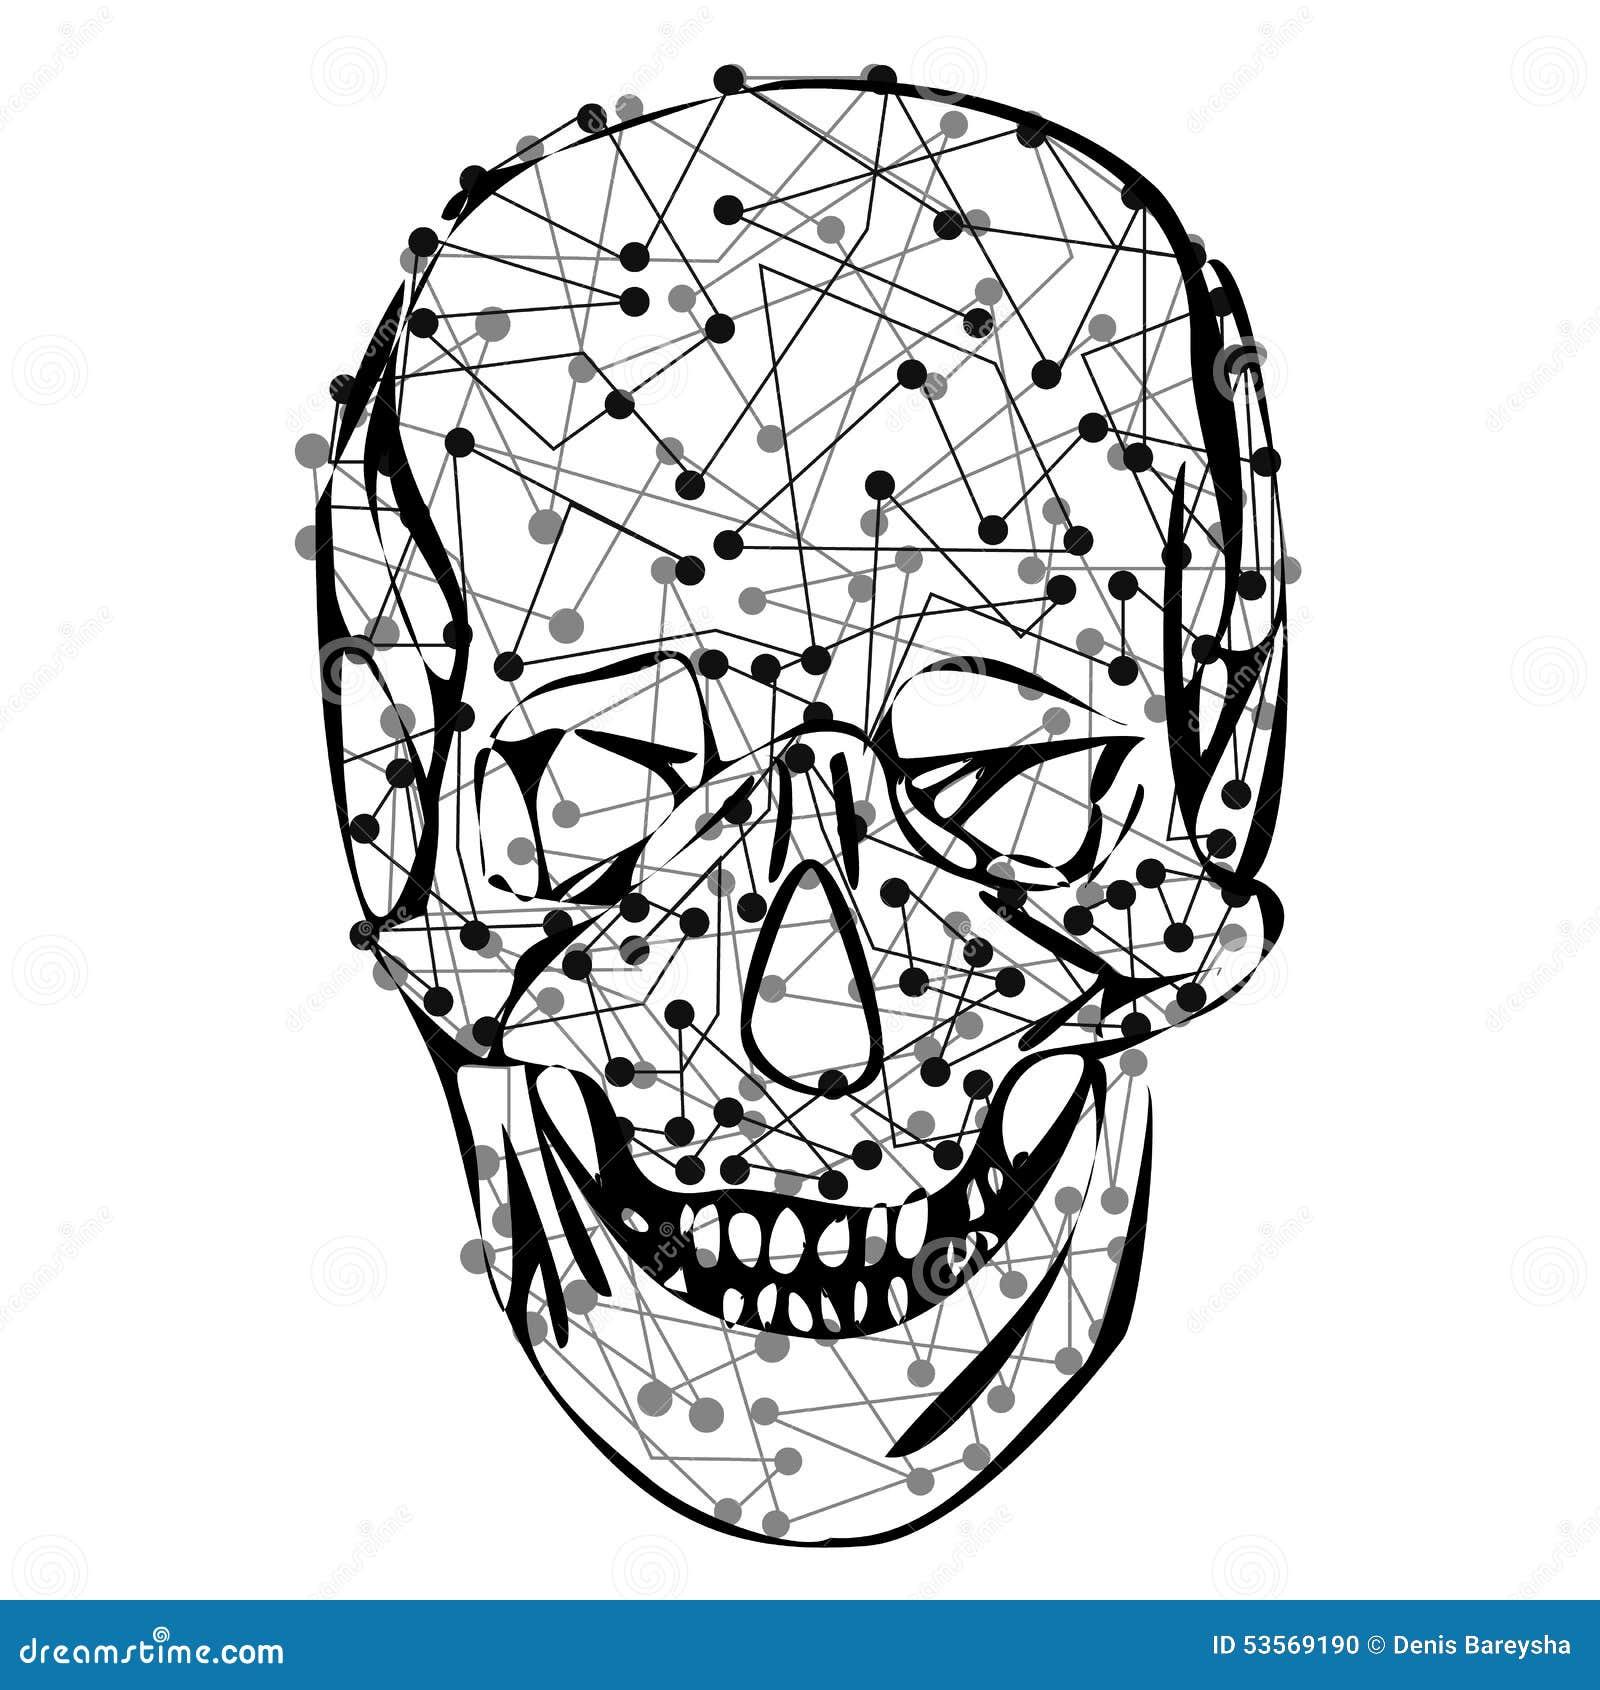 Funny skeleton skull stock vector. Illustration of dangerous - 53569190